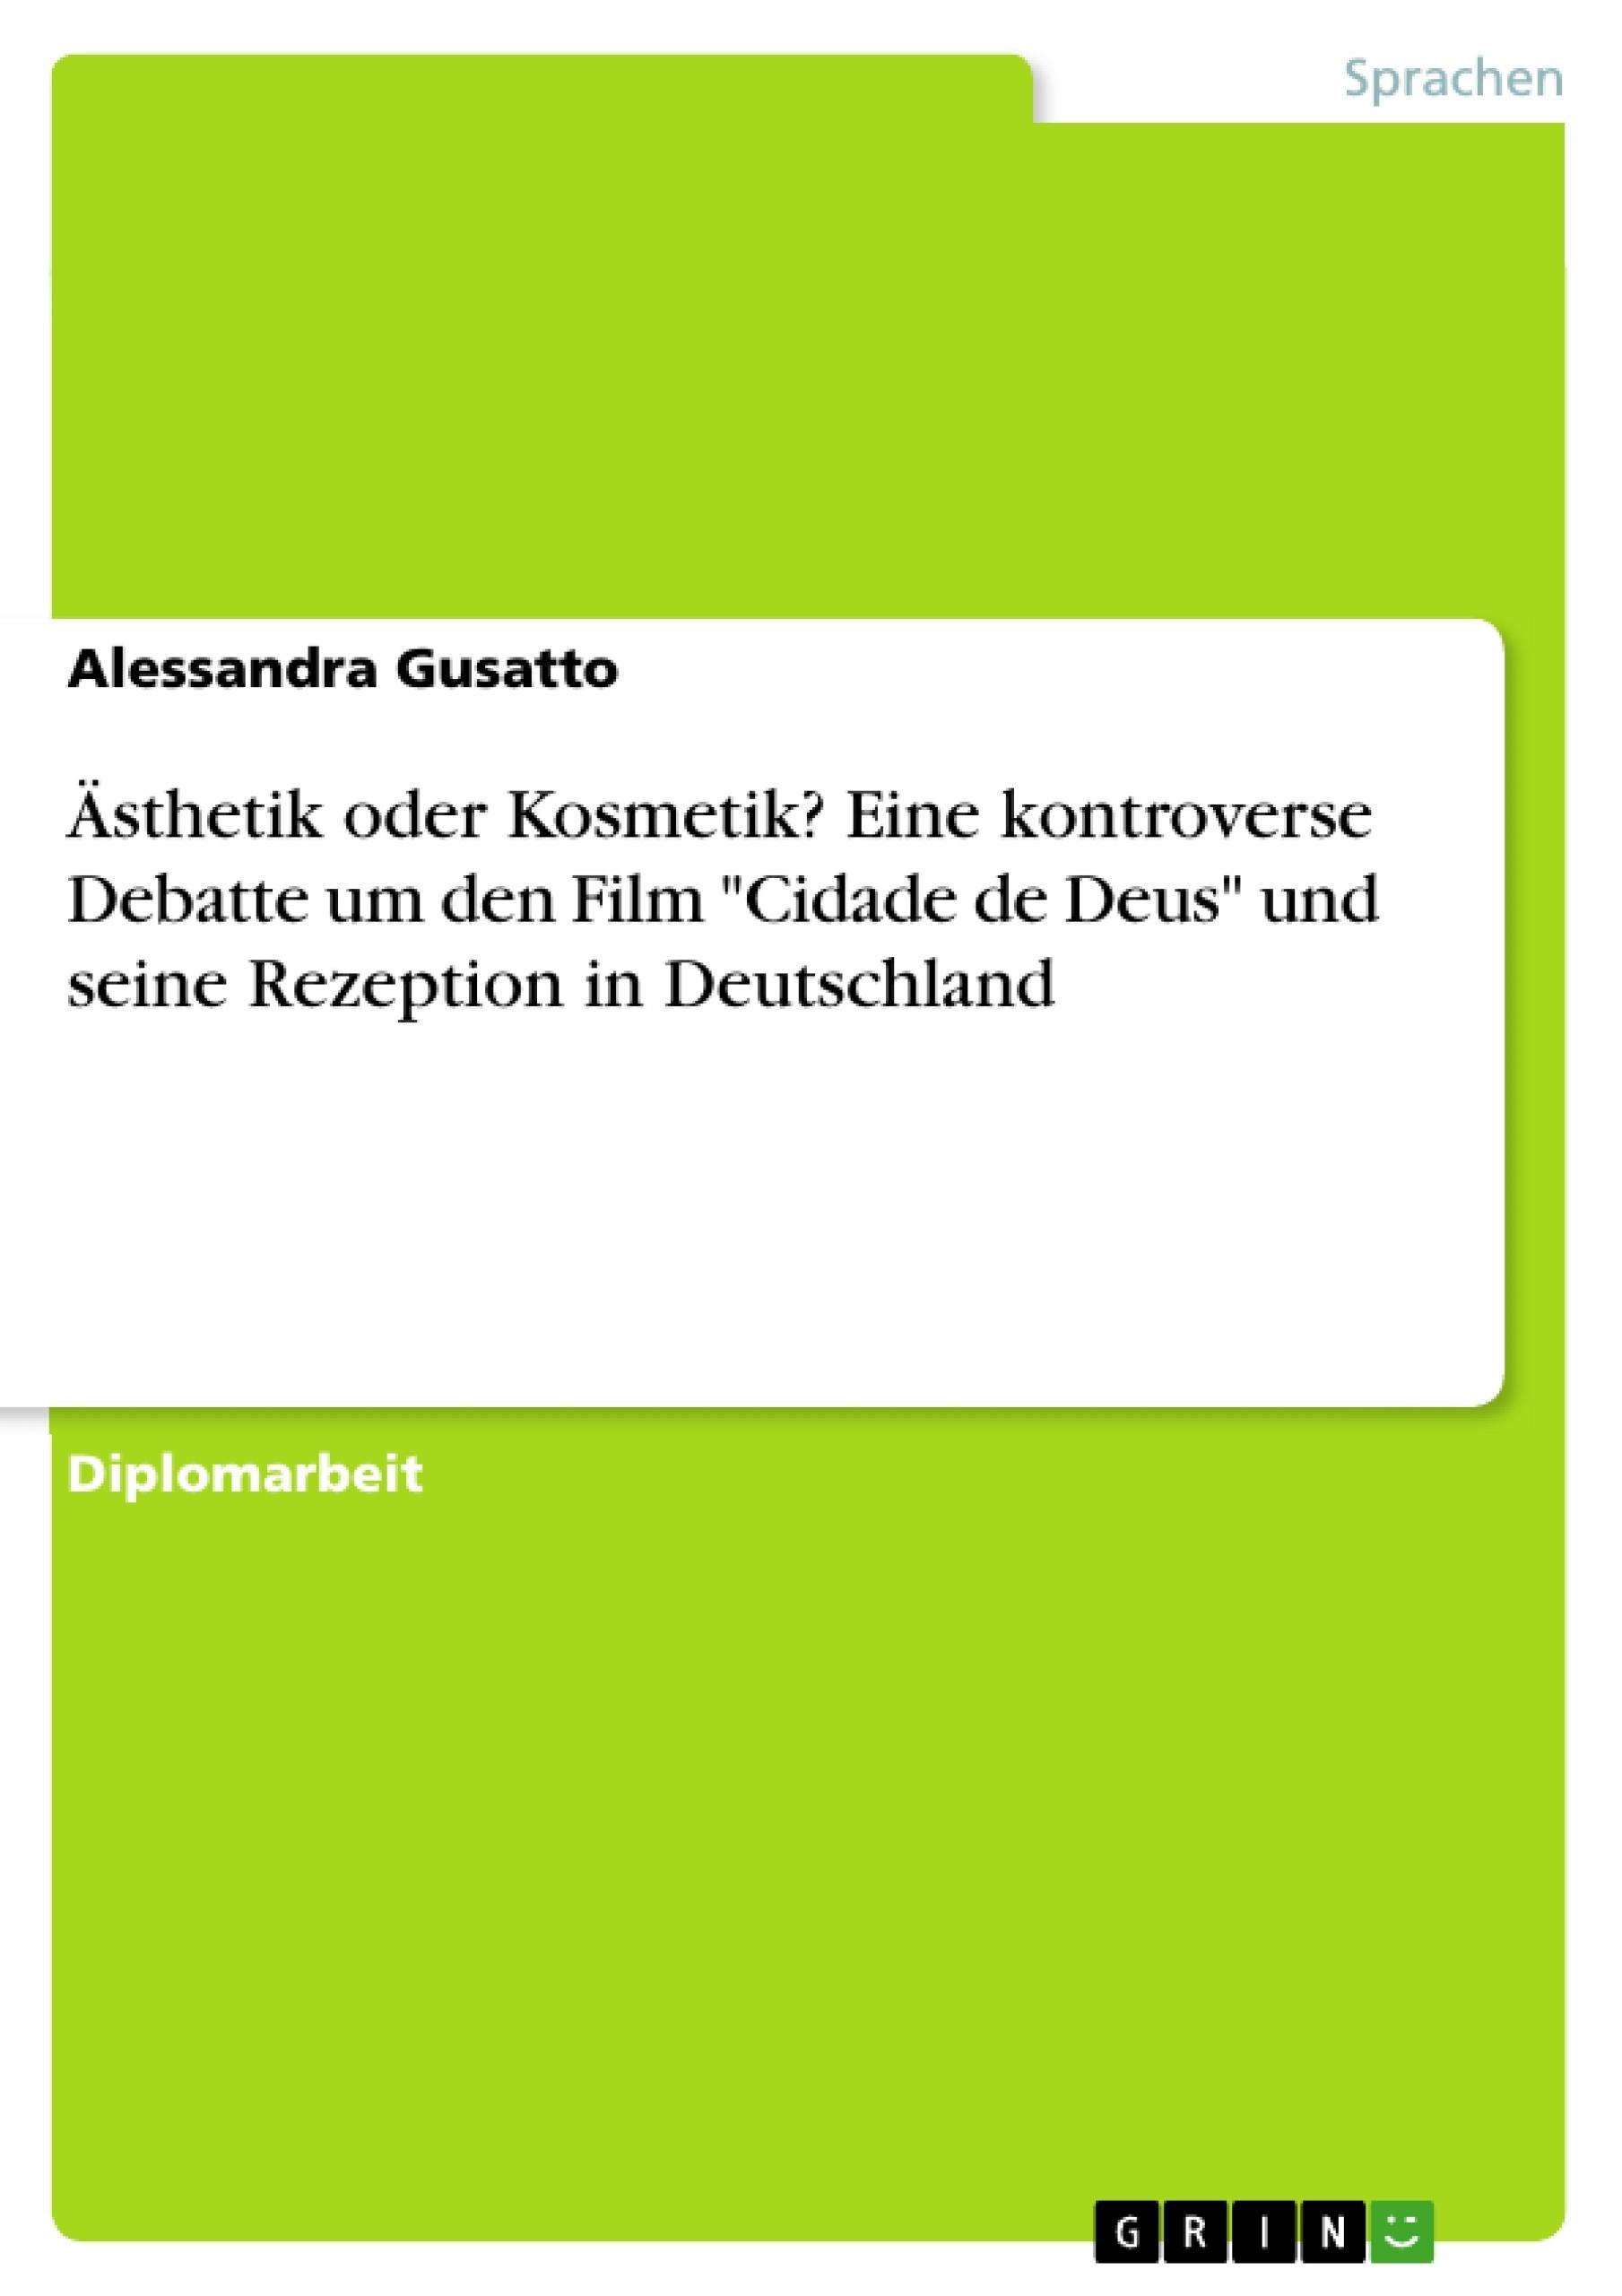 """Titel: Ästhetik oder Kosmetik? Eine kontroverse Debatte um den Film """"Cidade de Deus"""" und seine Rezeption in Deutschland"""